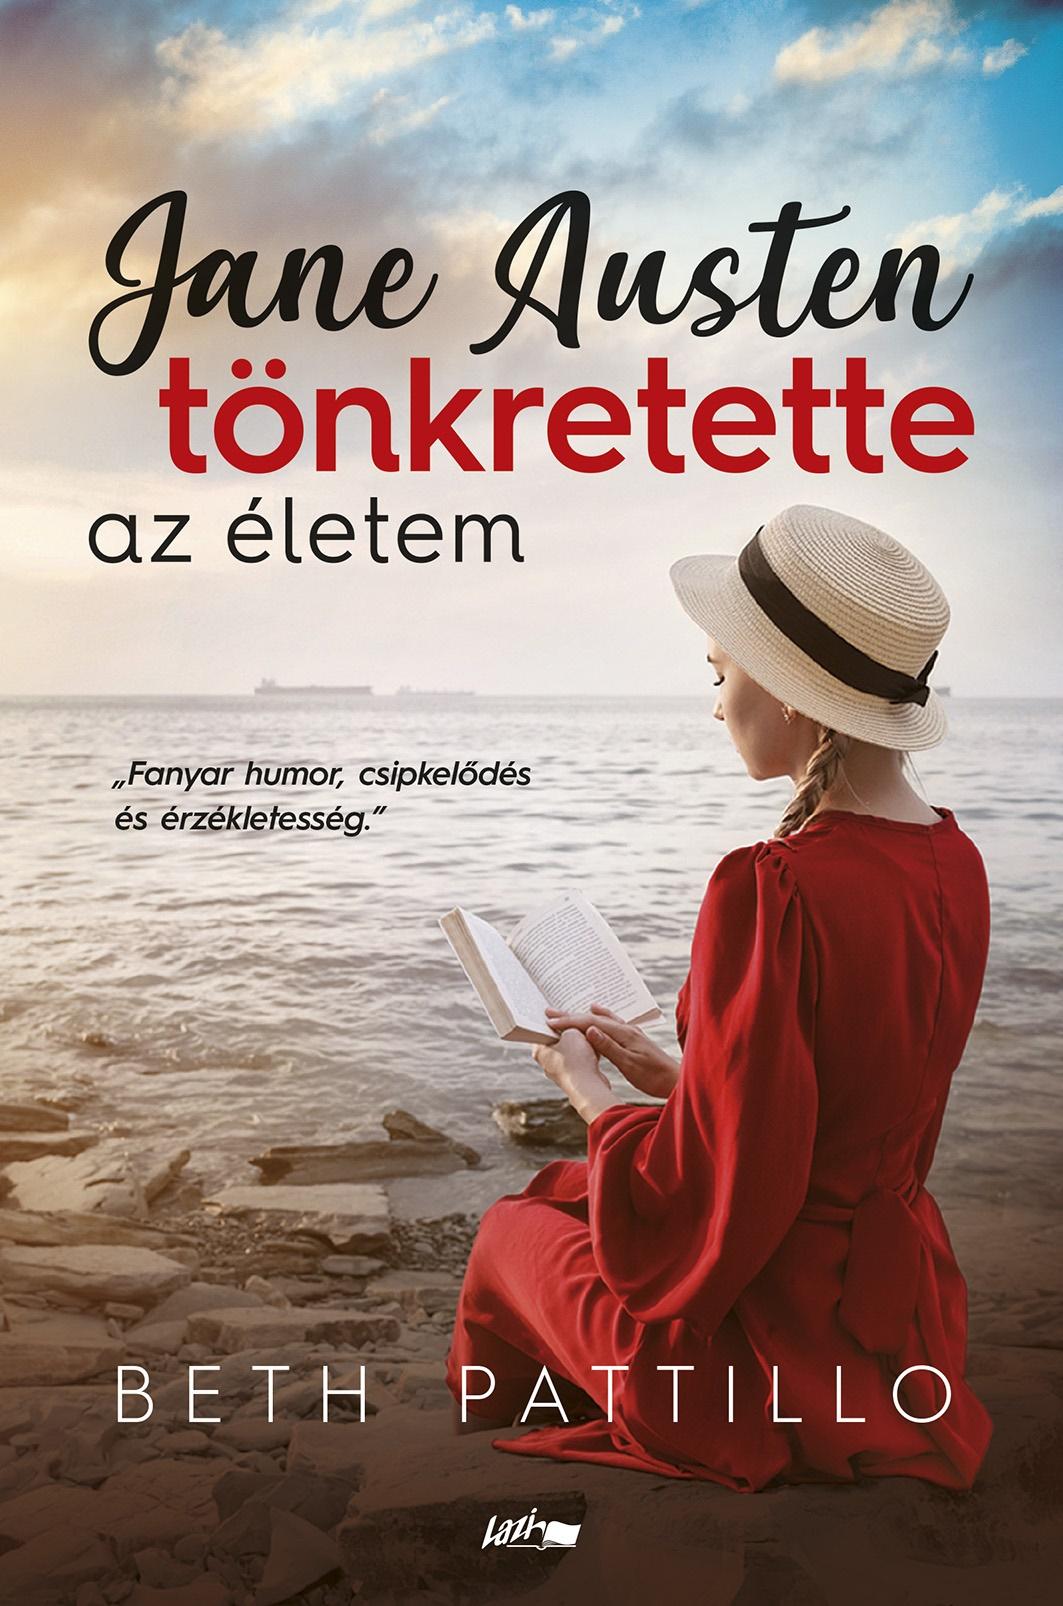 Jane Austen tönkretette az életem